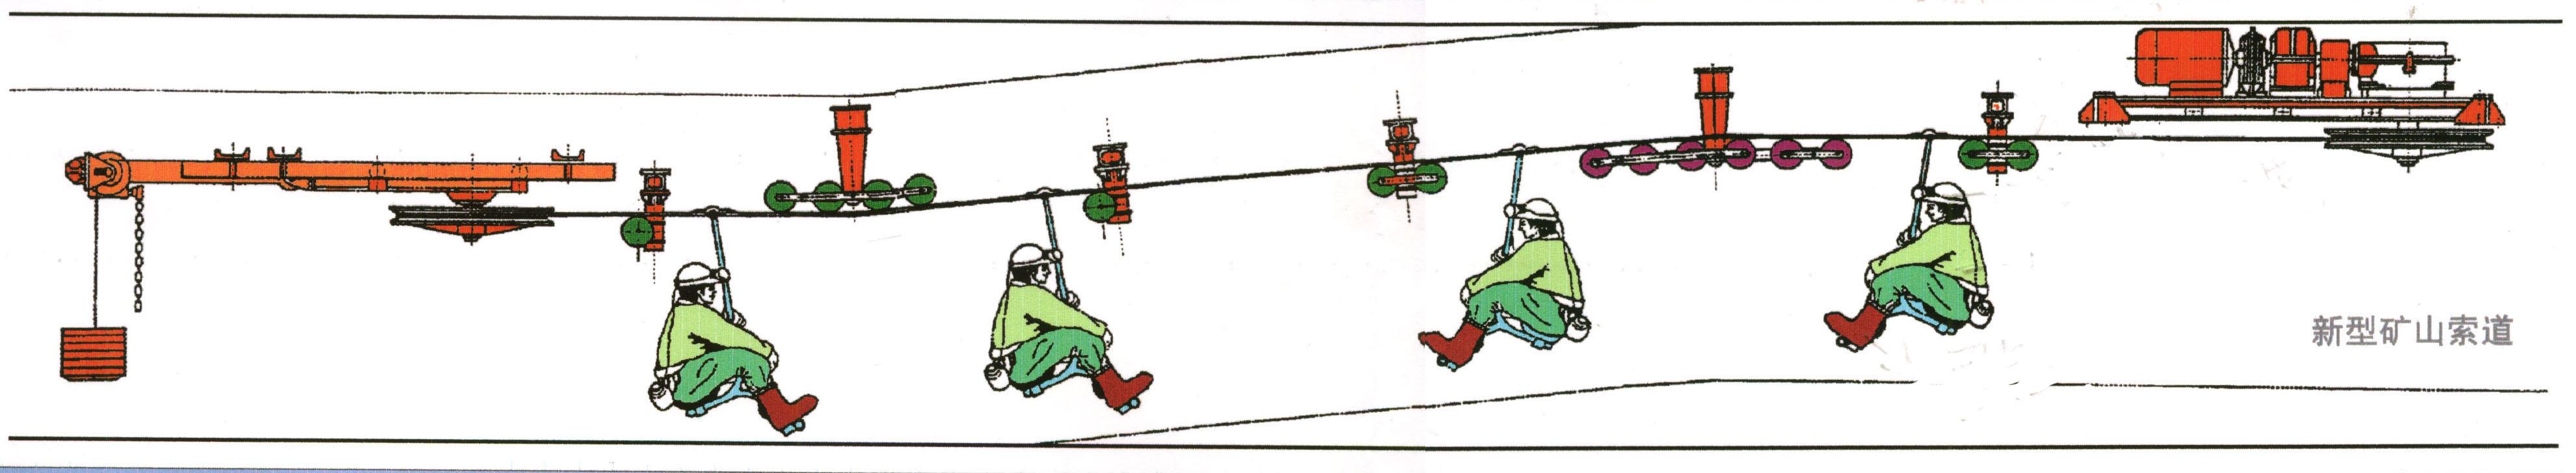 8.煤礦架空乘人裝置